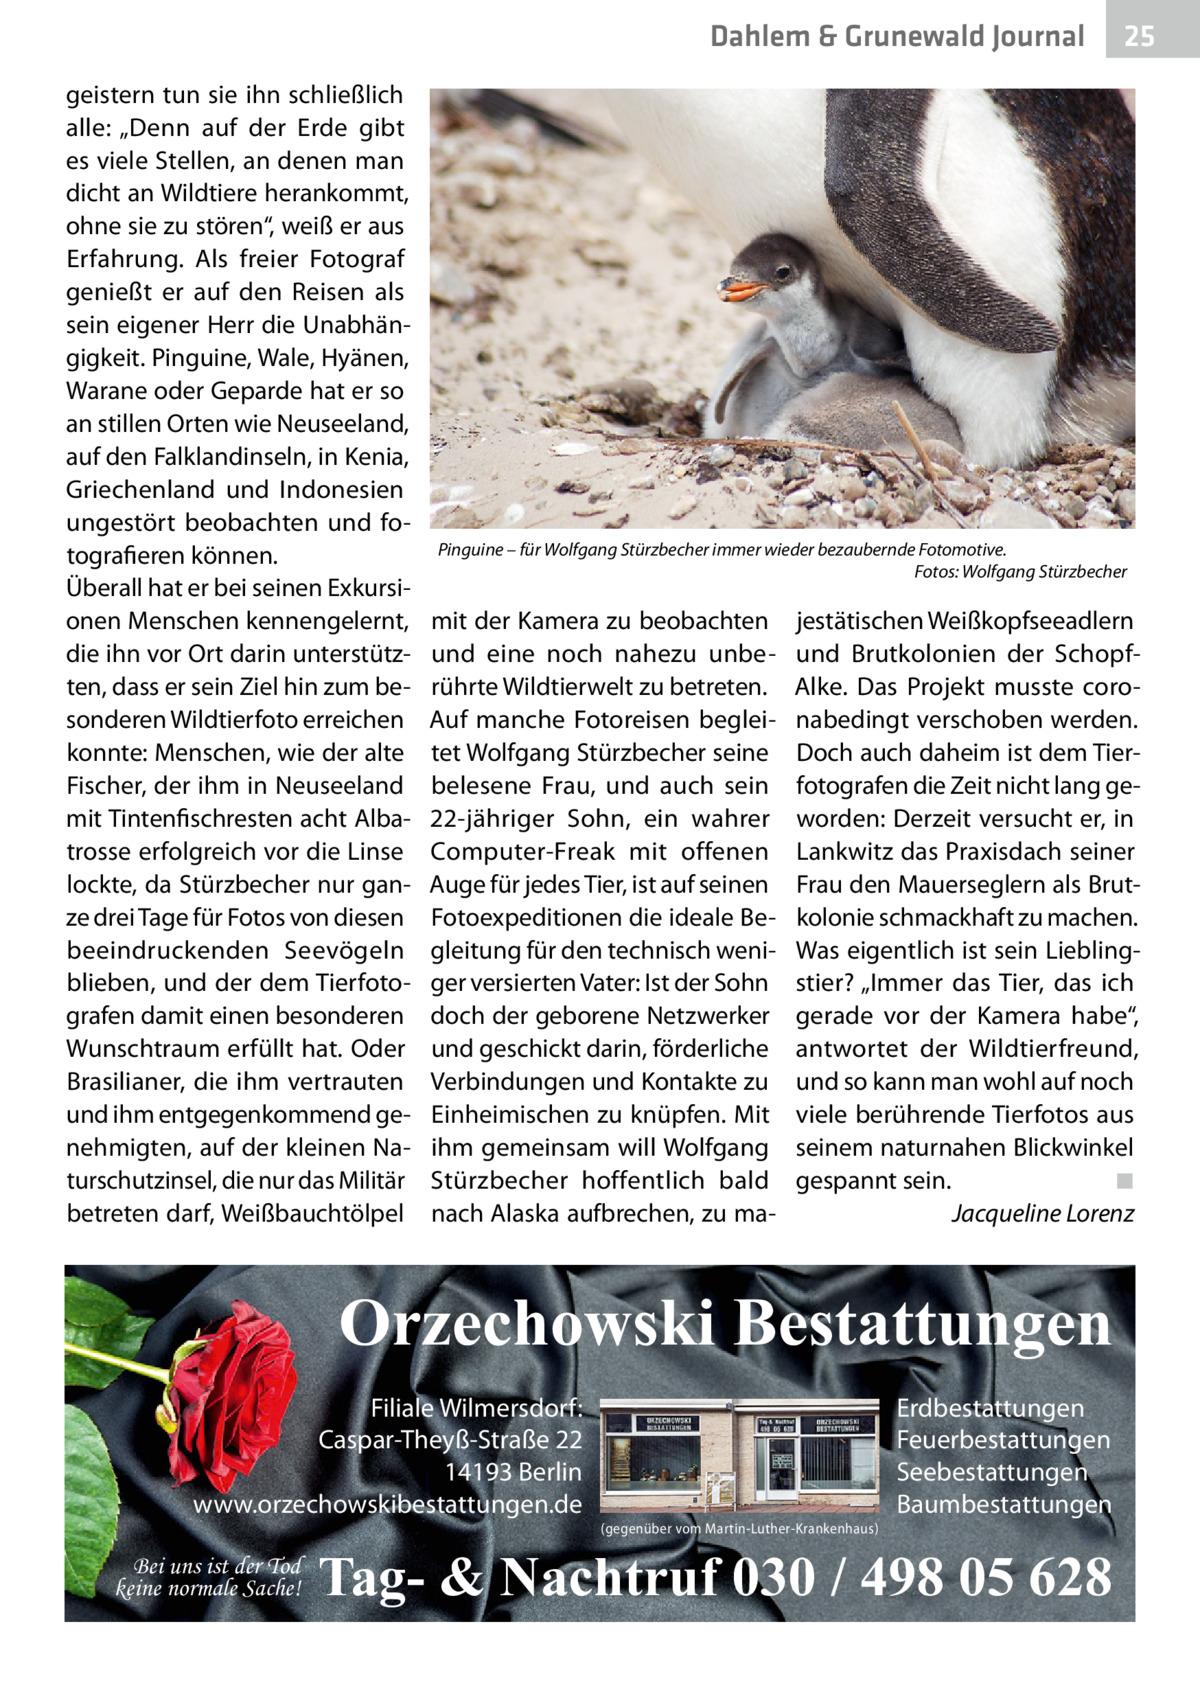 """Dahlem & Grunewald Gesundheit Journal geistern tun sie ihn schließlich alle: """"Denn auf der Erde gibt es viele Stellen, an denen man dicht an Wildtiere herankommt, ohne sie zu stören"""", weiß er aus Erfahrung. Als freier Fotograf genießt er auf den Reisen als sein eigener Herr die Unabhängigkeit. Pinguine, Wale, Hyänen, Warane oder Geparde hat er so an stillen Orten wie Neuseeland, auf den Falklandinseln, in Kenia, Griechenland und Indonesien ungestört beobachten und fotografieren können. Überall hat er bei seinen Exkursionen Menschen kennengelernt, die ihn vor Ort darin unterstützten, dass er sein Ziel hin zum besonderen Wildtierfoto erreichen konnte: Menschen, wie der alte Fischer, der ihm in Neuseeland mit Tintenfischresten acht Albatrosse erfolgreich vor die Linse lockte, da Stürzbecher nur ganze drei Tage für Fotos von diesen beeindruckenden Seevögeln blieben, und der dem Tierfotografen damit einen besonderen Wunschtraum erfüllt hat. Oder Brasilianer, die ihm vertrauten und ihm entgegenkommend genehmigten, auf der kleinen Naturschutzinsel, die nur das Militär betreten darf, Weißbauchtölpel  Pinguine – für Wolfgang Stürzbecher immer wieder bezaubernde Fotomotive. � Fotos: Wolfgang Stürzbecher  mit der Kamera zu beobachten und eine noch nahezu unberührte Wildtierwelt zu betreten. Auf manche Fotoreisen begleitet Wolfgang Stürzbecher seine belesene Frau, und auch sein 22-jähriger Sohn, ein wahrer Computer-Freak mit offenen Auge für jedes Tier, ist auf seinen Fotoexpeditionen die ideale Begleitung für den technisch weniger versierten Vater: Ist der Sohn doch der geborene Netzwerker und geschickt darin, förderliche Verbindungen und Kontakte zu Einheimischen zu knüpfen. Mit ihm gemeinsam will Wolfgang Stürzbecher hoffentlich bald nach Alaska aufbrechen, zu ma jestätischen Weißkopfseeadlern und Brutkolonien der SchopfAlke. Das Projekt musste coronabedingt verschoben werden. Doch auch daheim ist dem Tierfotografen die Zeit nicht lang geworden: Derzeit versucht er, in Lankw"""